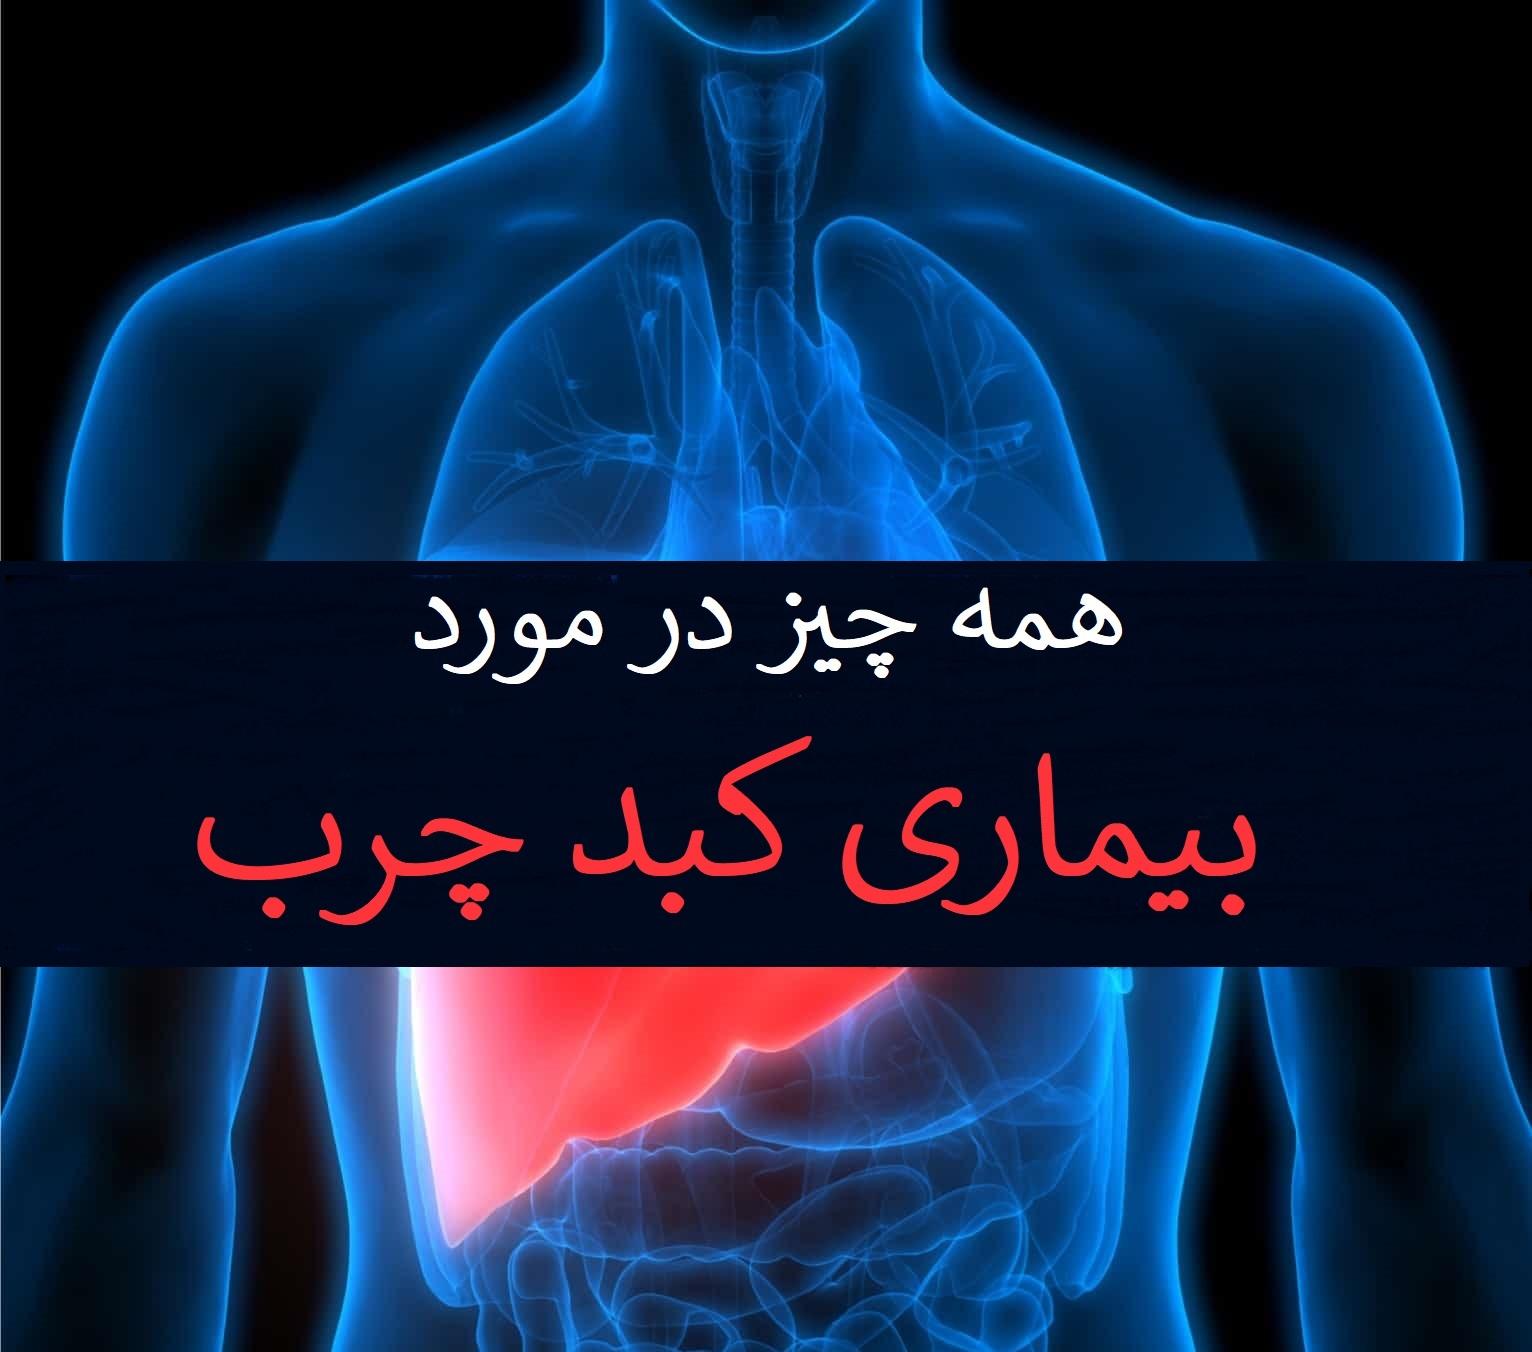 بیماری کبد چرب چیست و چند نوع دارد ؟